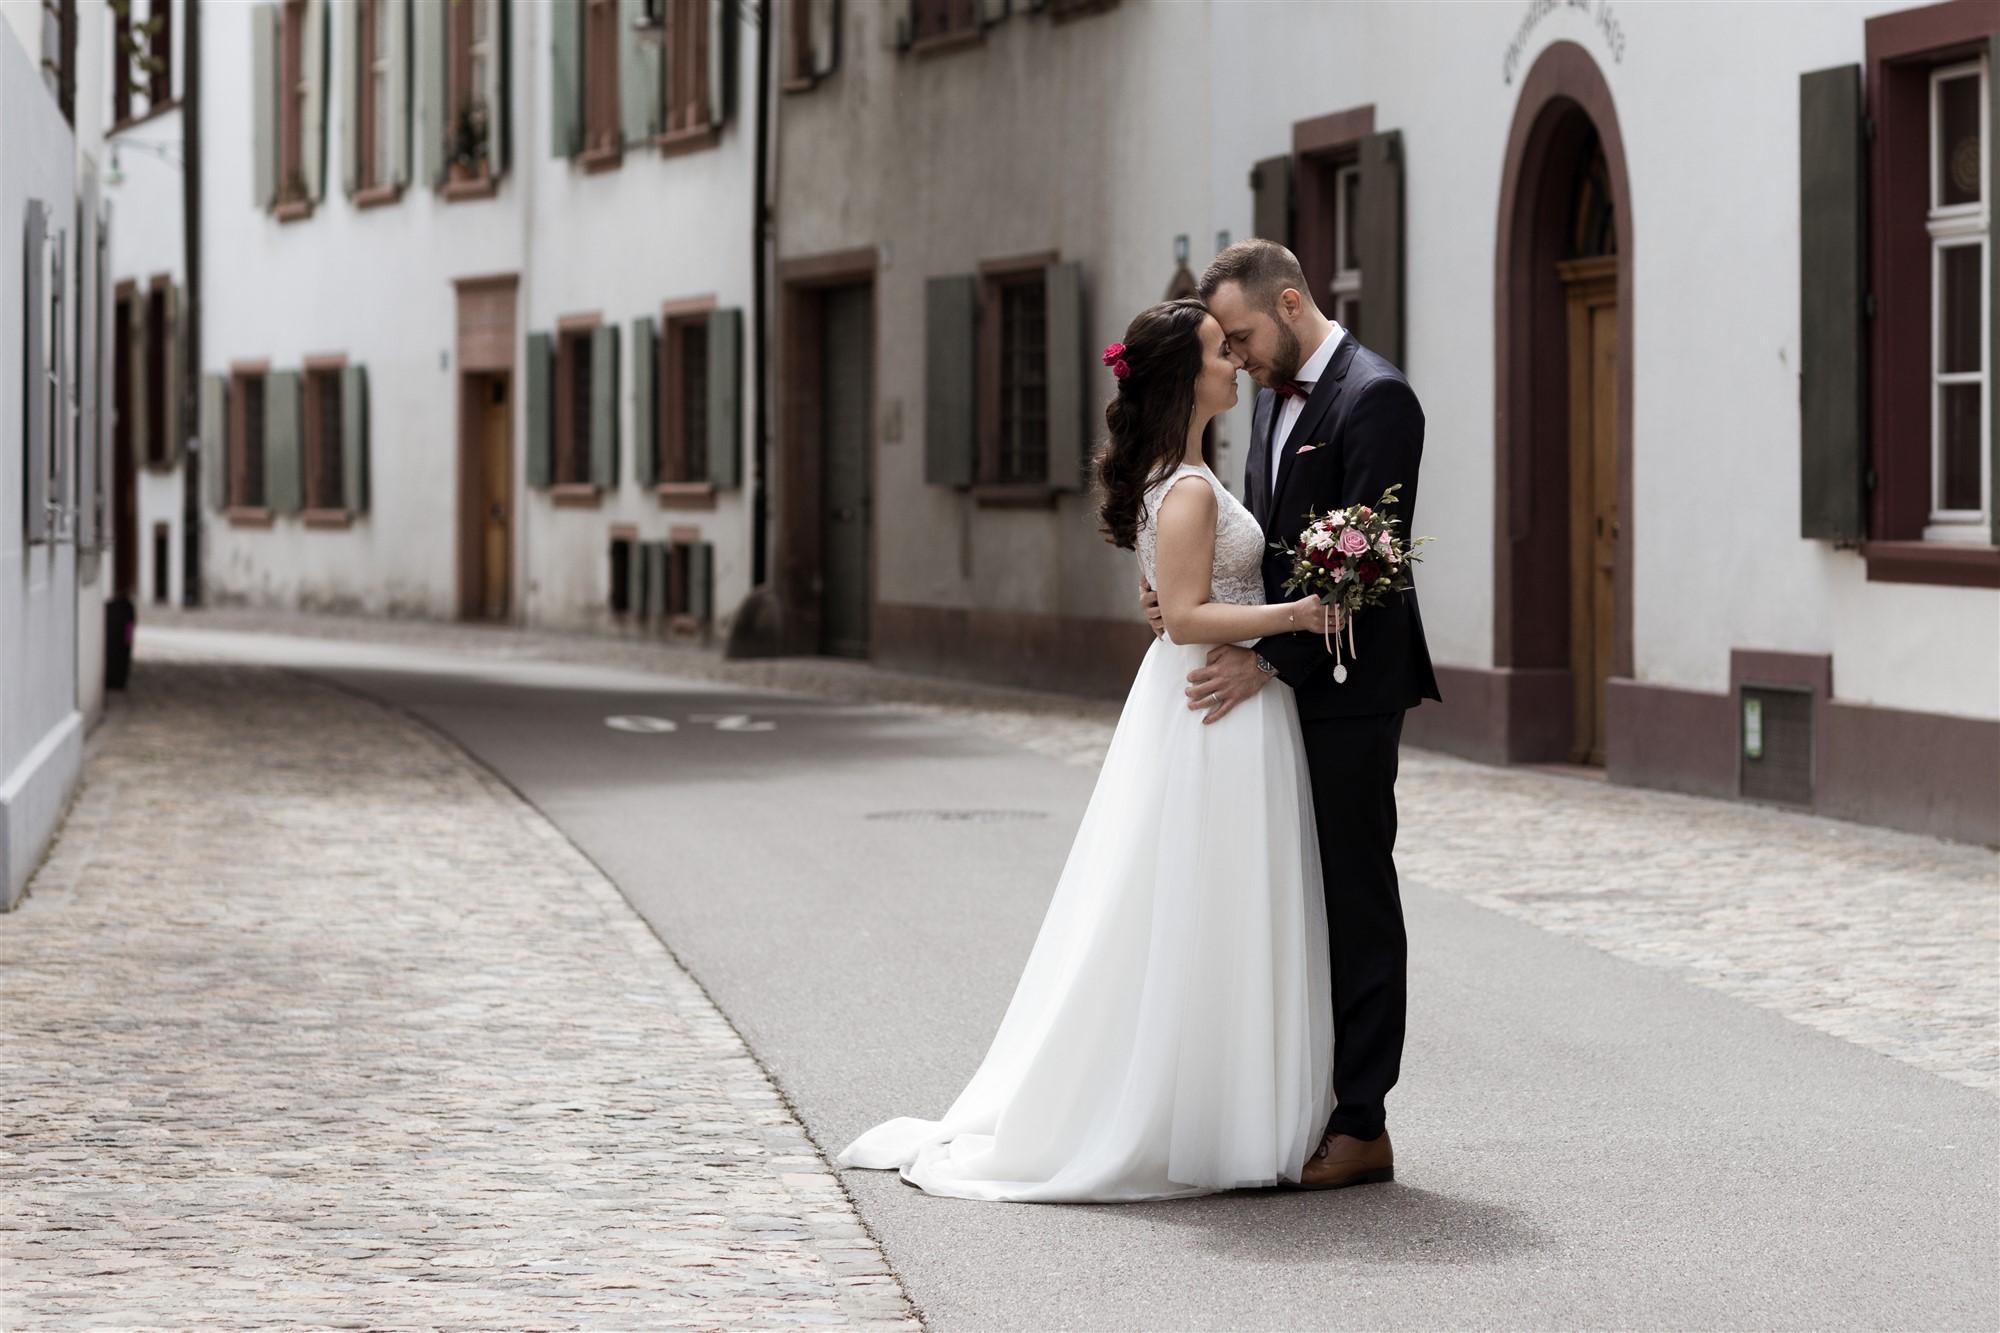 Das Brautpaarfotoshooting in den schönen Gassen von Basel